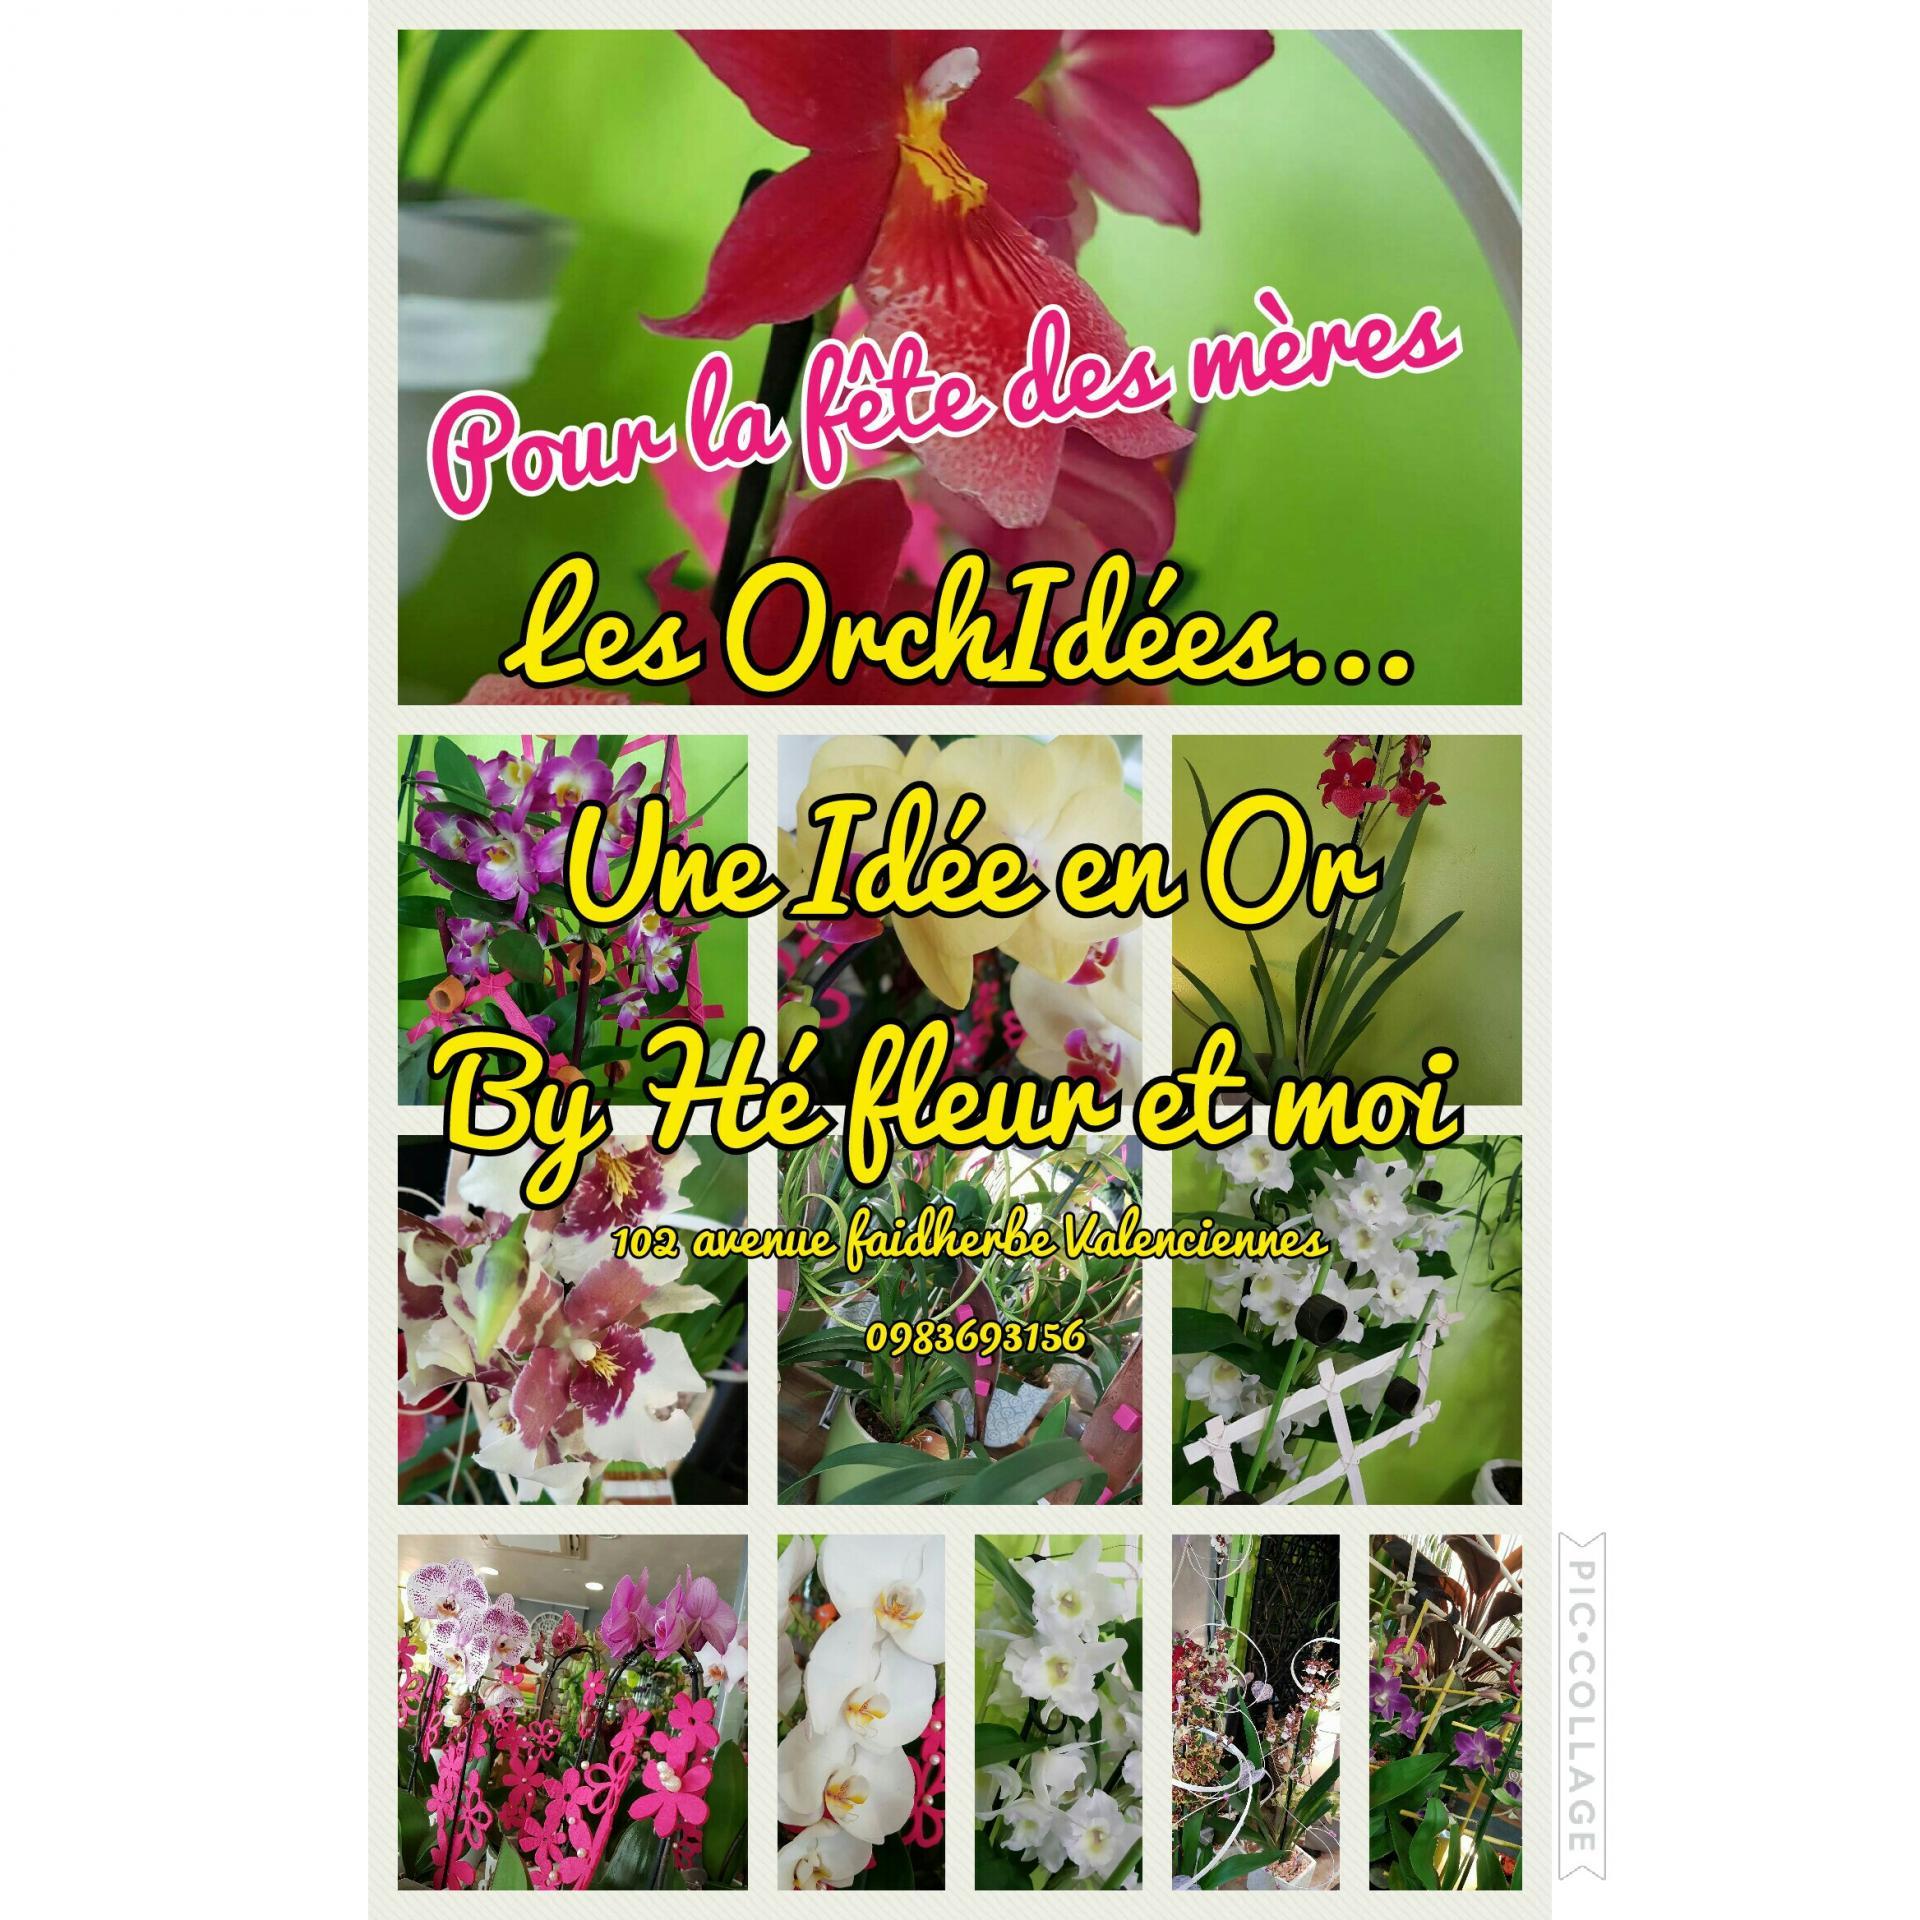 Fête des mères by Hé fleur et moi fleuriste valenciennes bouquet fleur